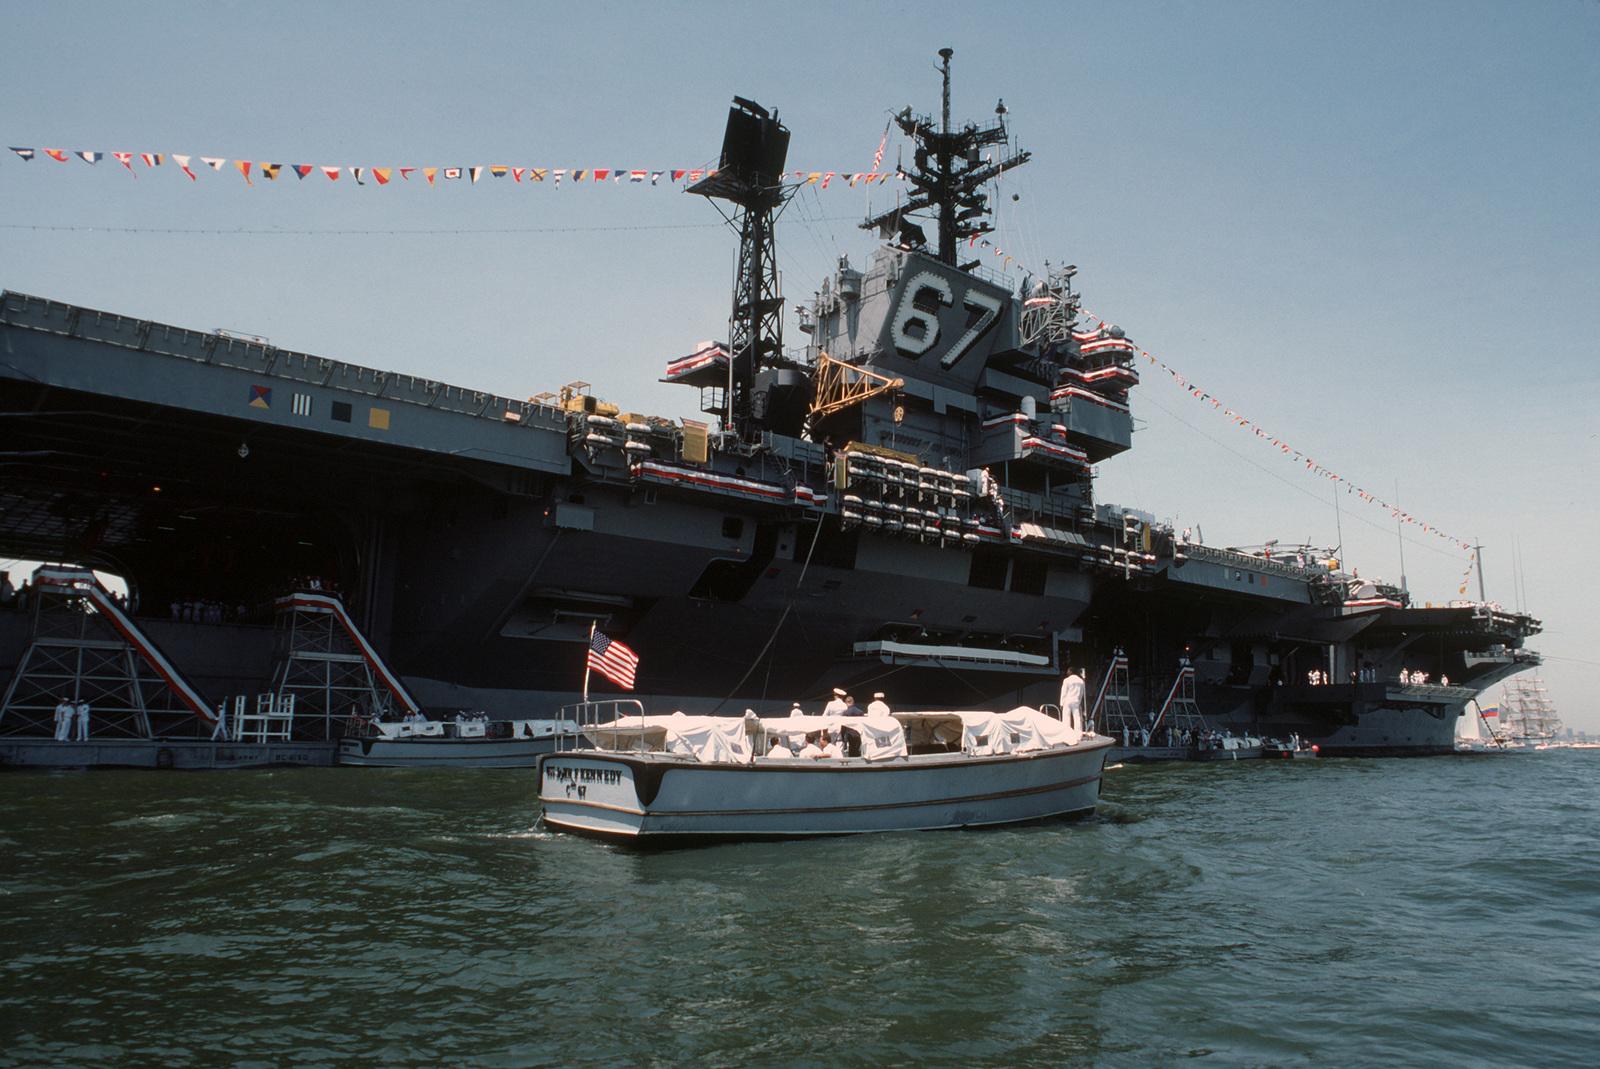 a motorized whaler from the aircraft carrier uss john f kennedy cv